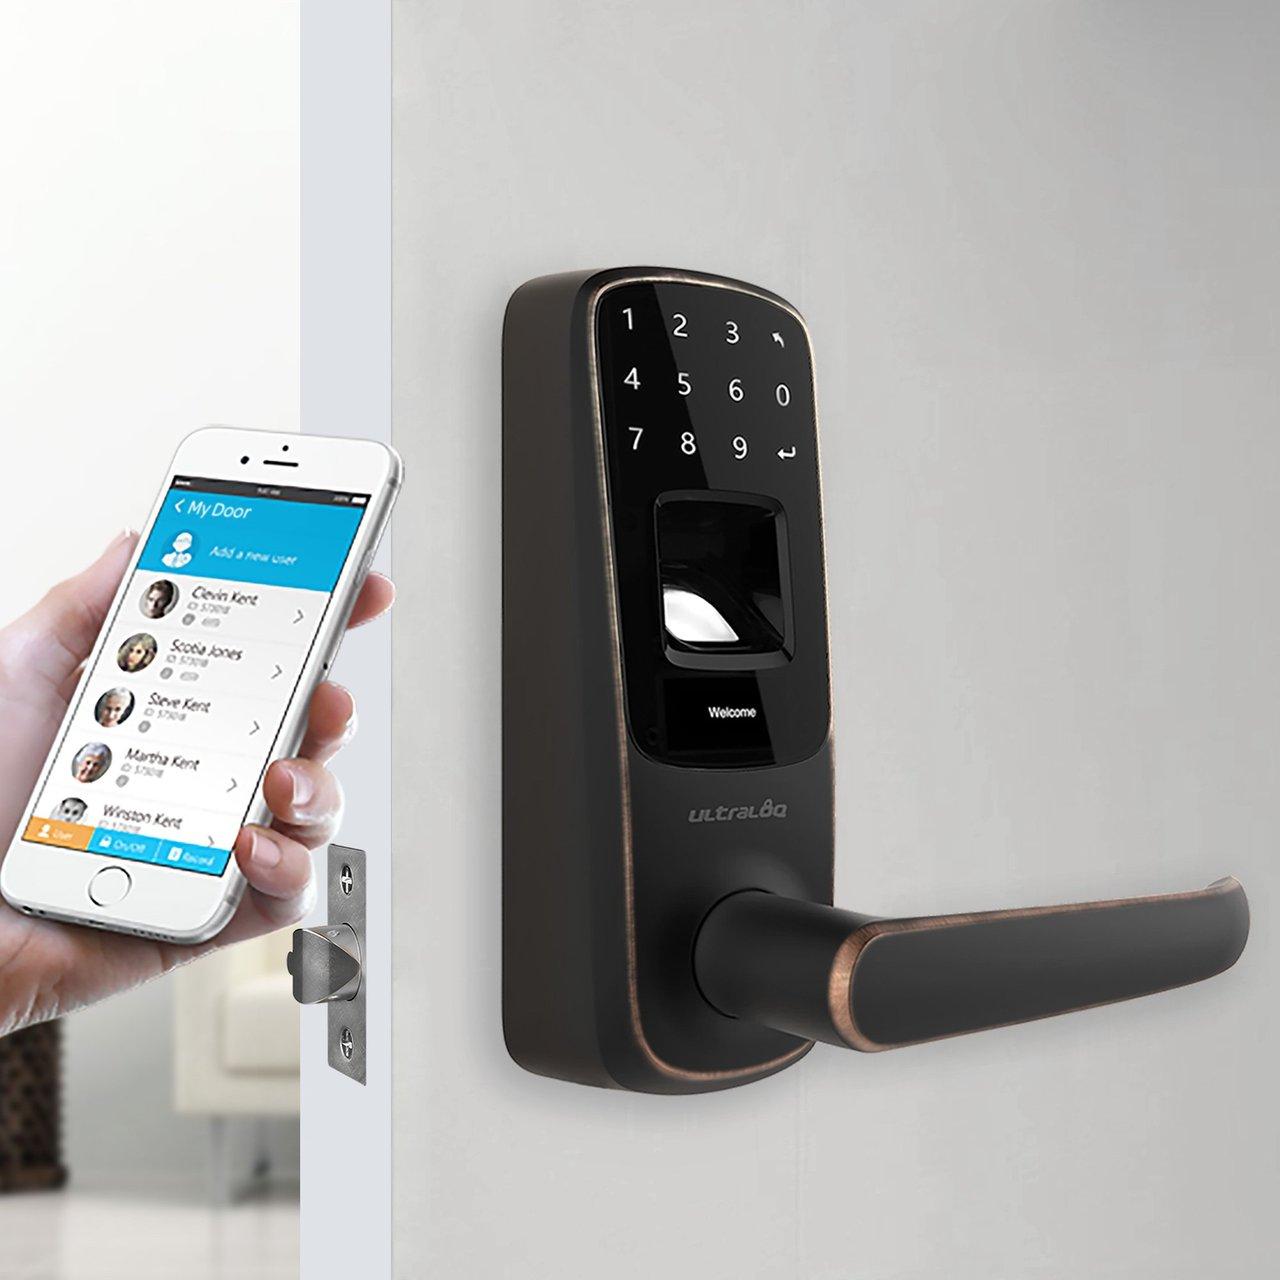 Ultraloq UL3 BT Bluetooth Enabled Fingerprint & Touchscreen Smart Lock